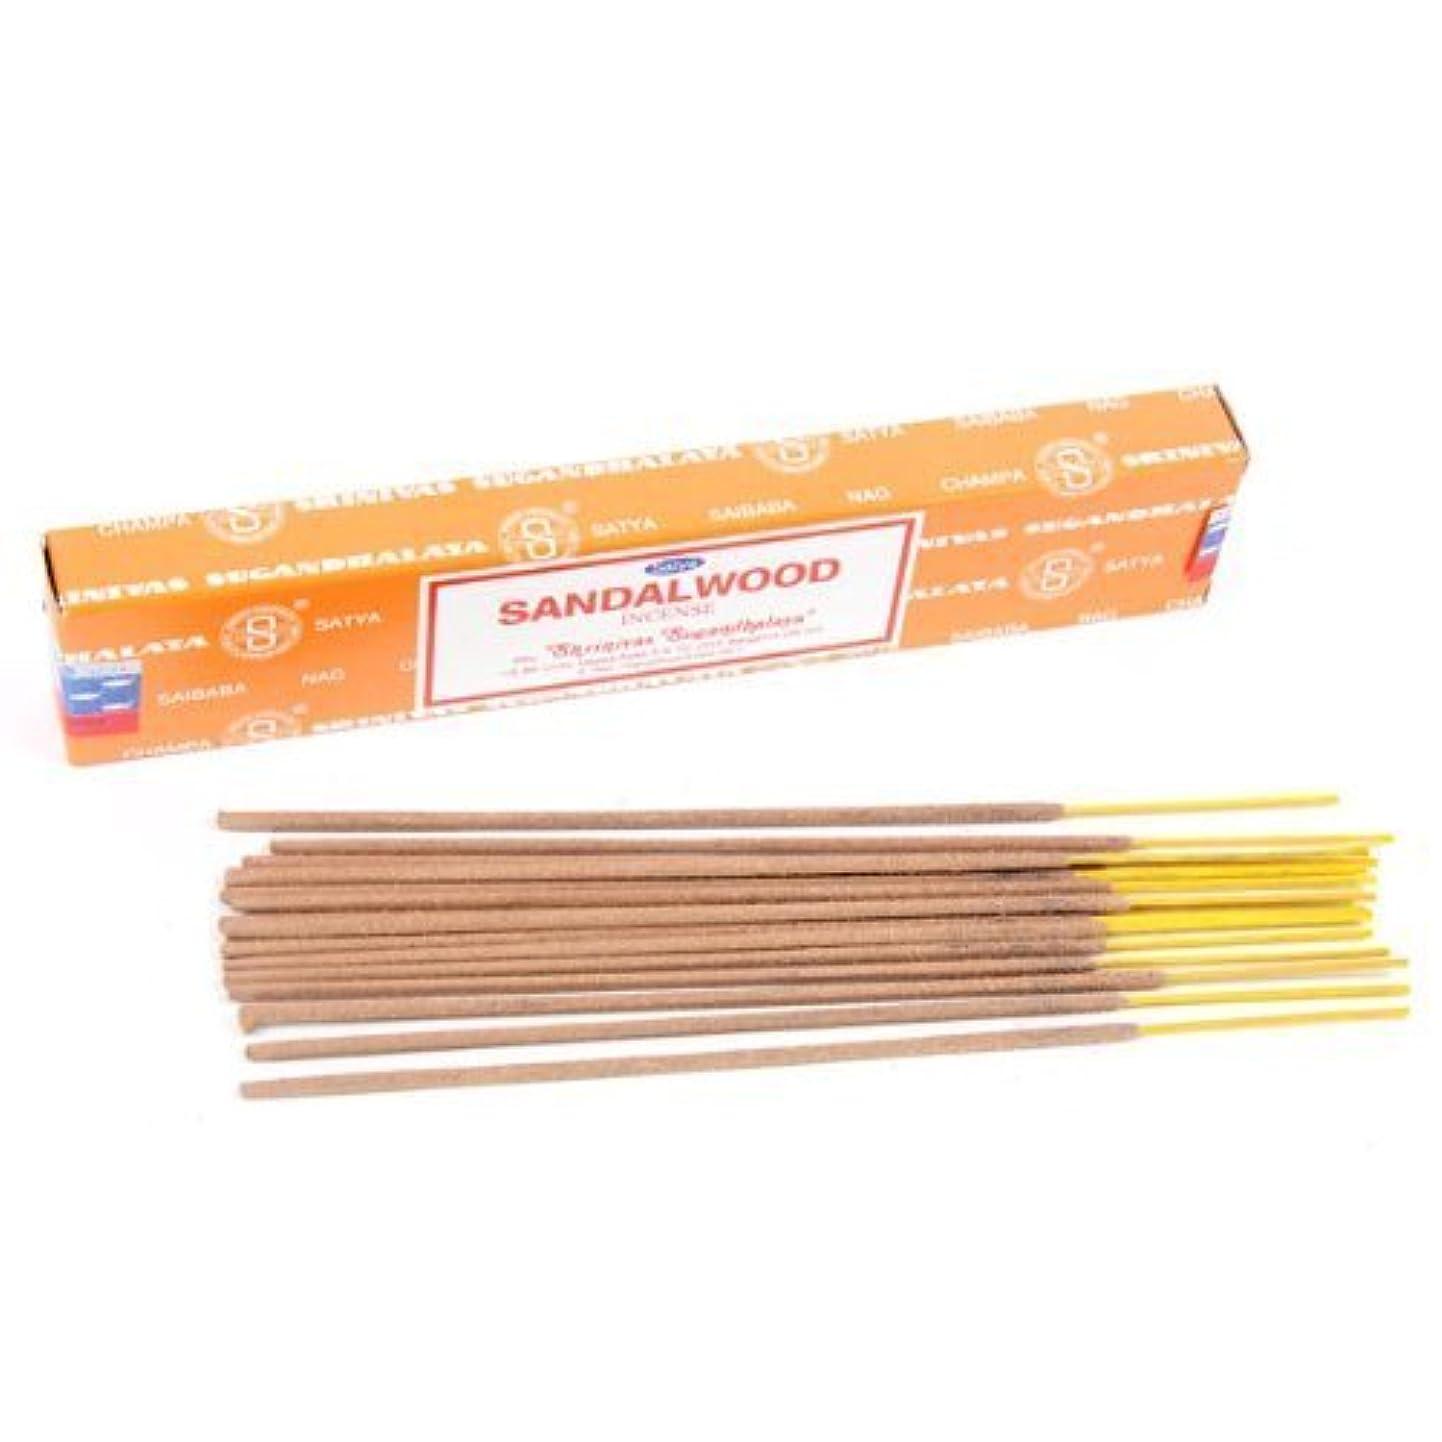 リボン祝福パーフェルビッドSatya Sandalwood Nag Champa 12 Incense Sticks by Puckator [並行輸入品]